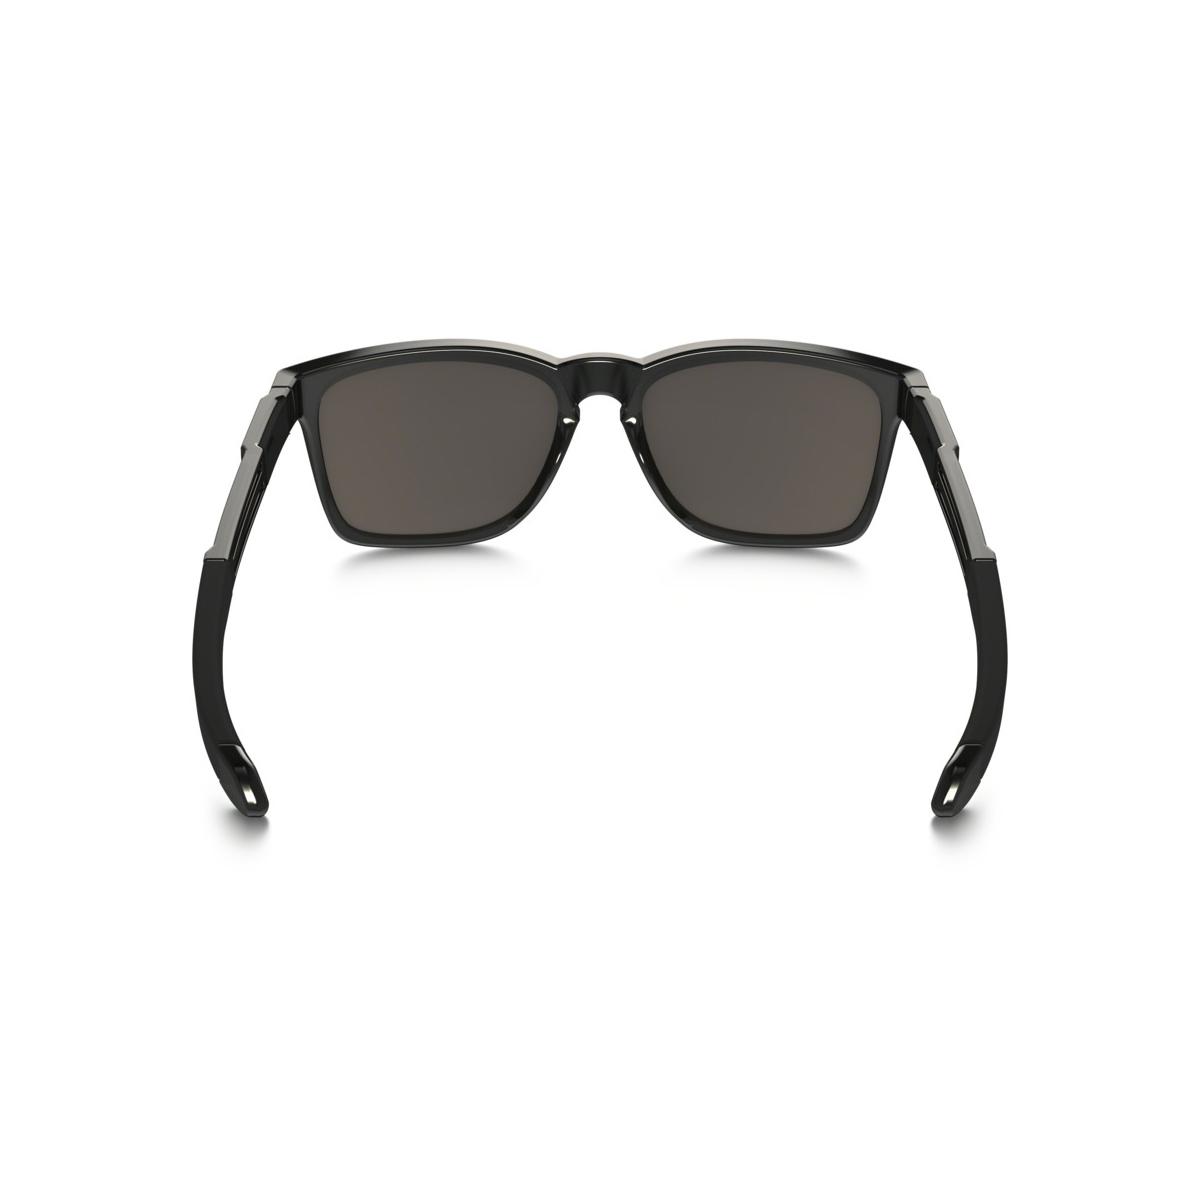 053a25a2fc878 Óculos Oakley Catalyst Black Ink Lente Warm Grey ref OO9272-08